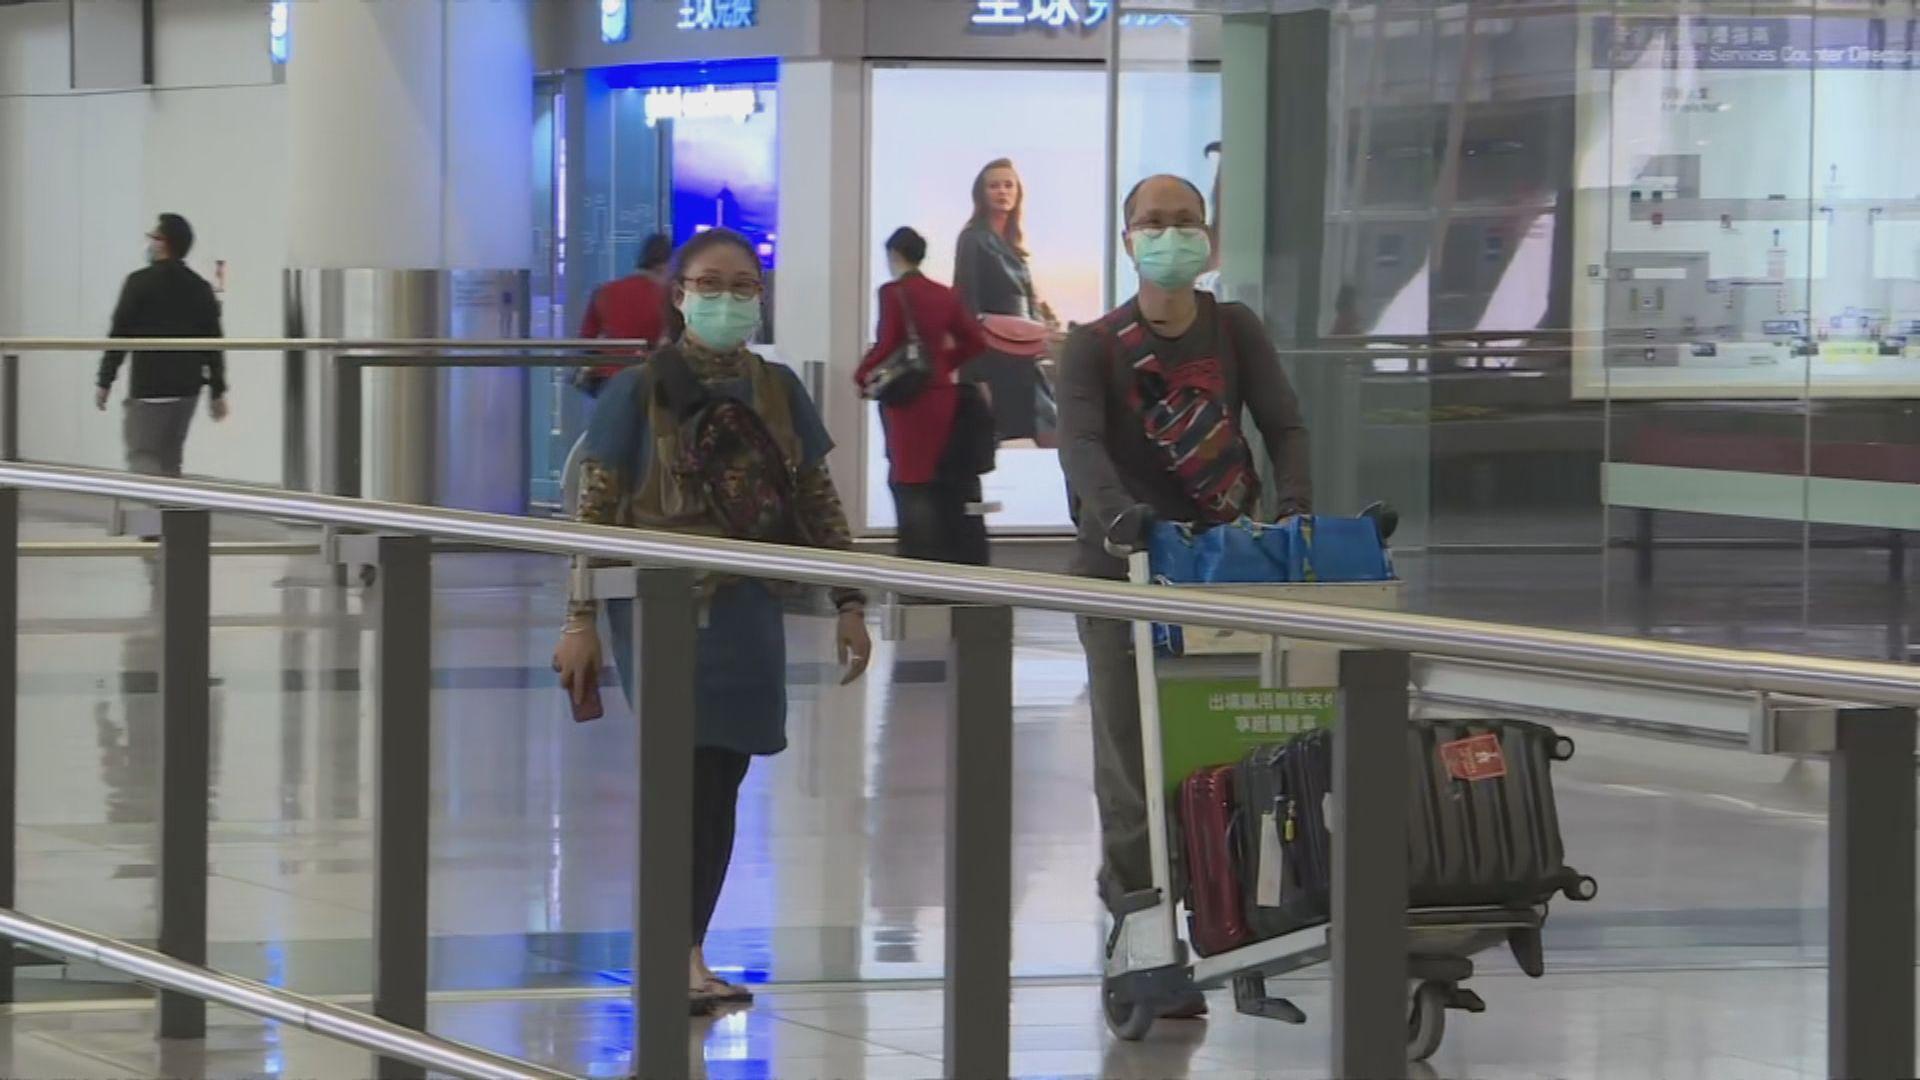 逾九百人正接受強制檢疫 大部分為香港居民